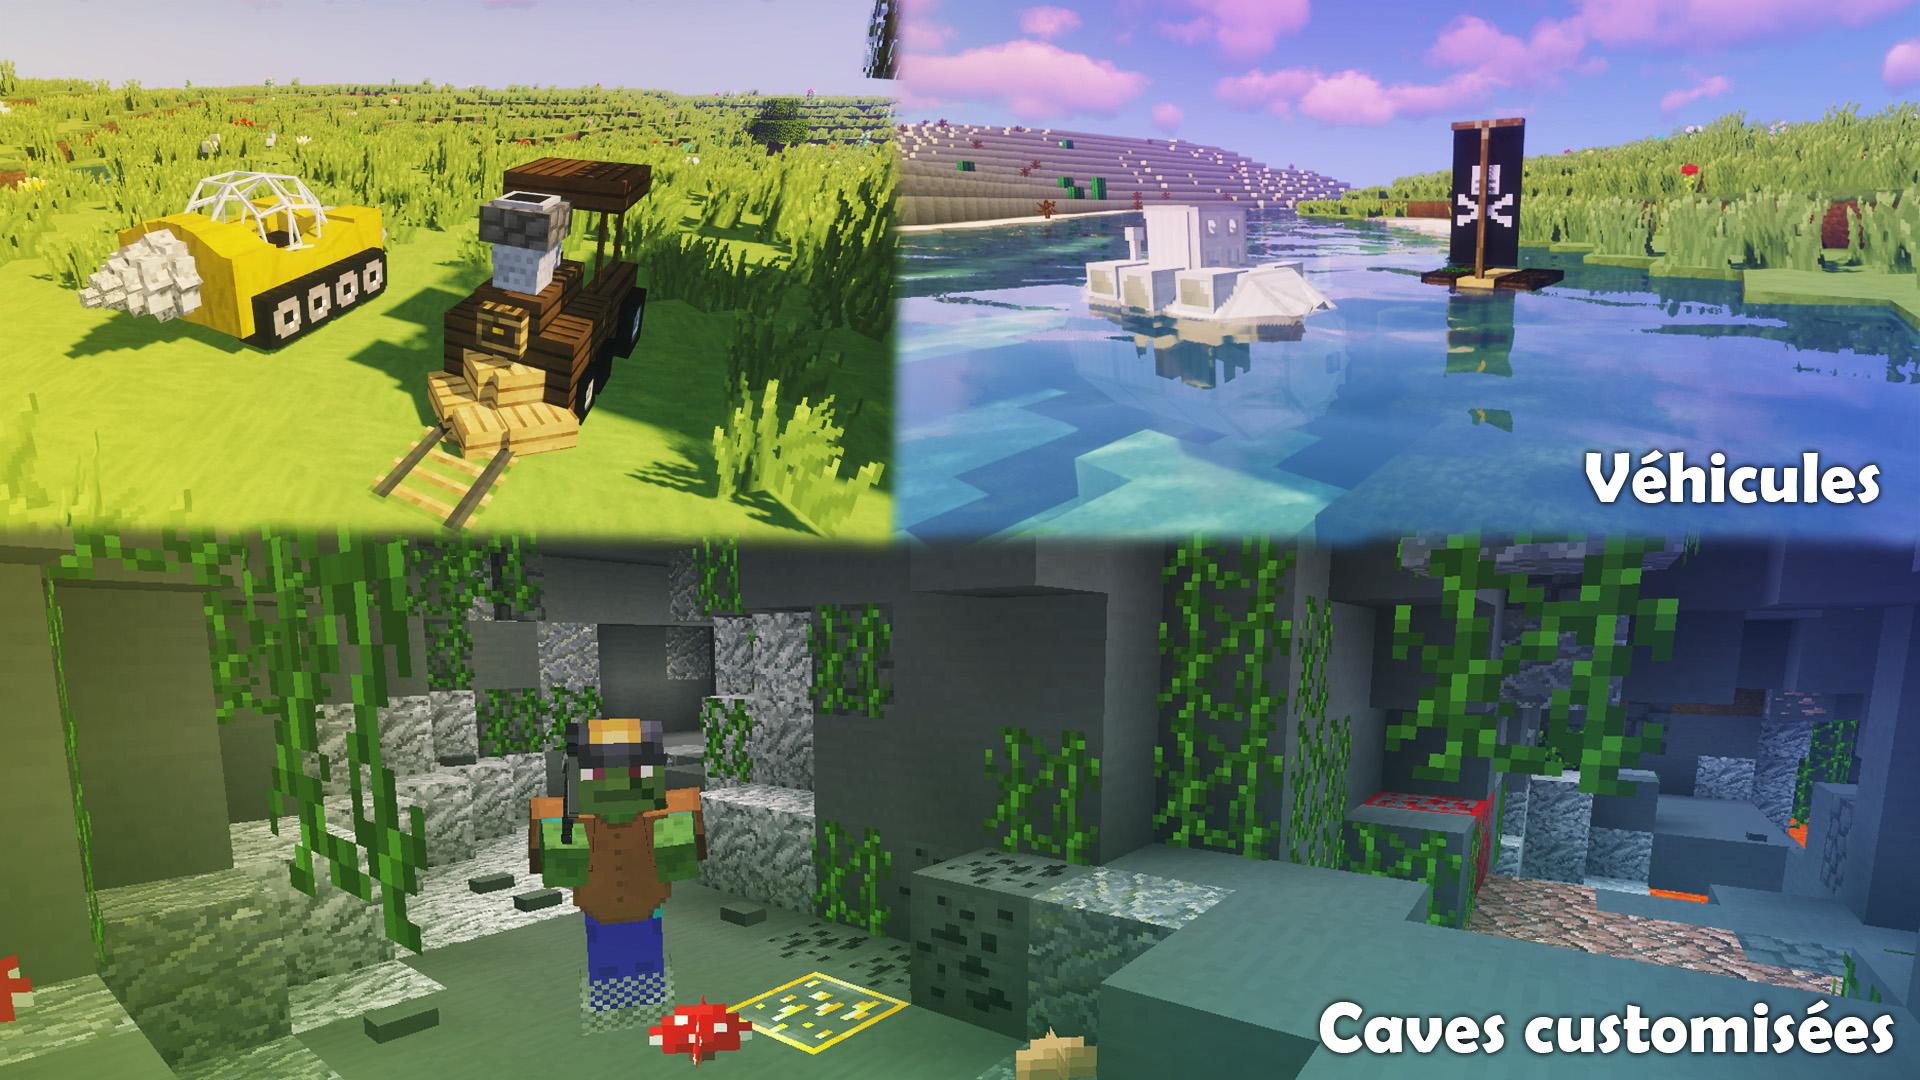 Cave et vehicule.jpg